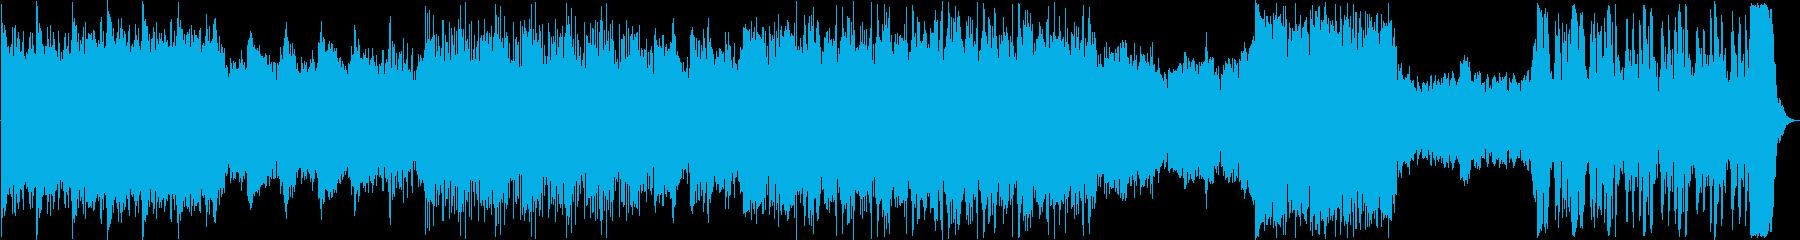 ファンタジー系オーケストラの再生済みの波形